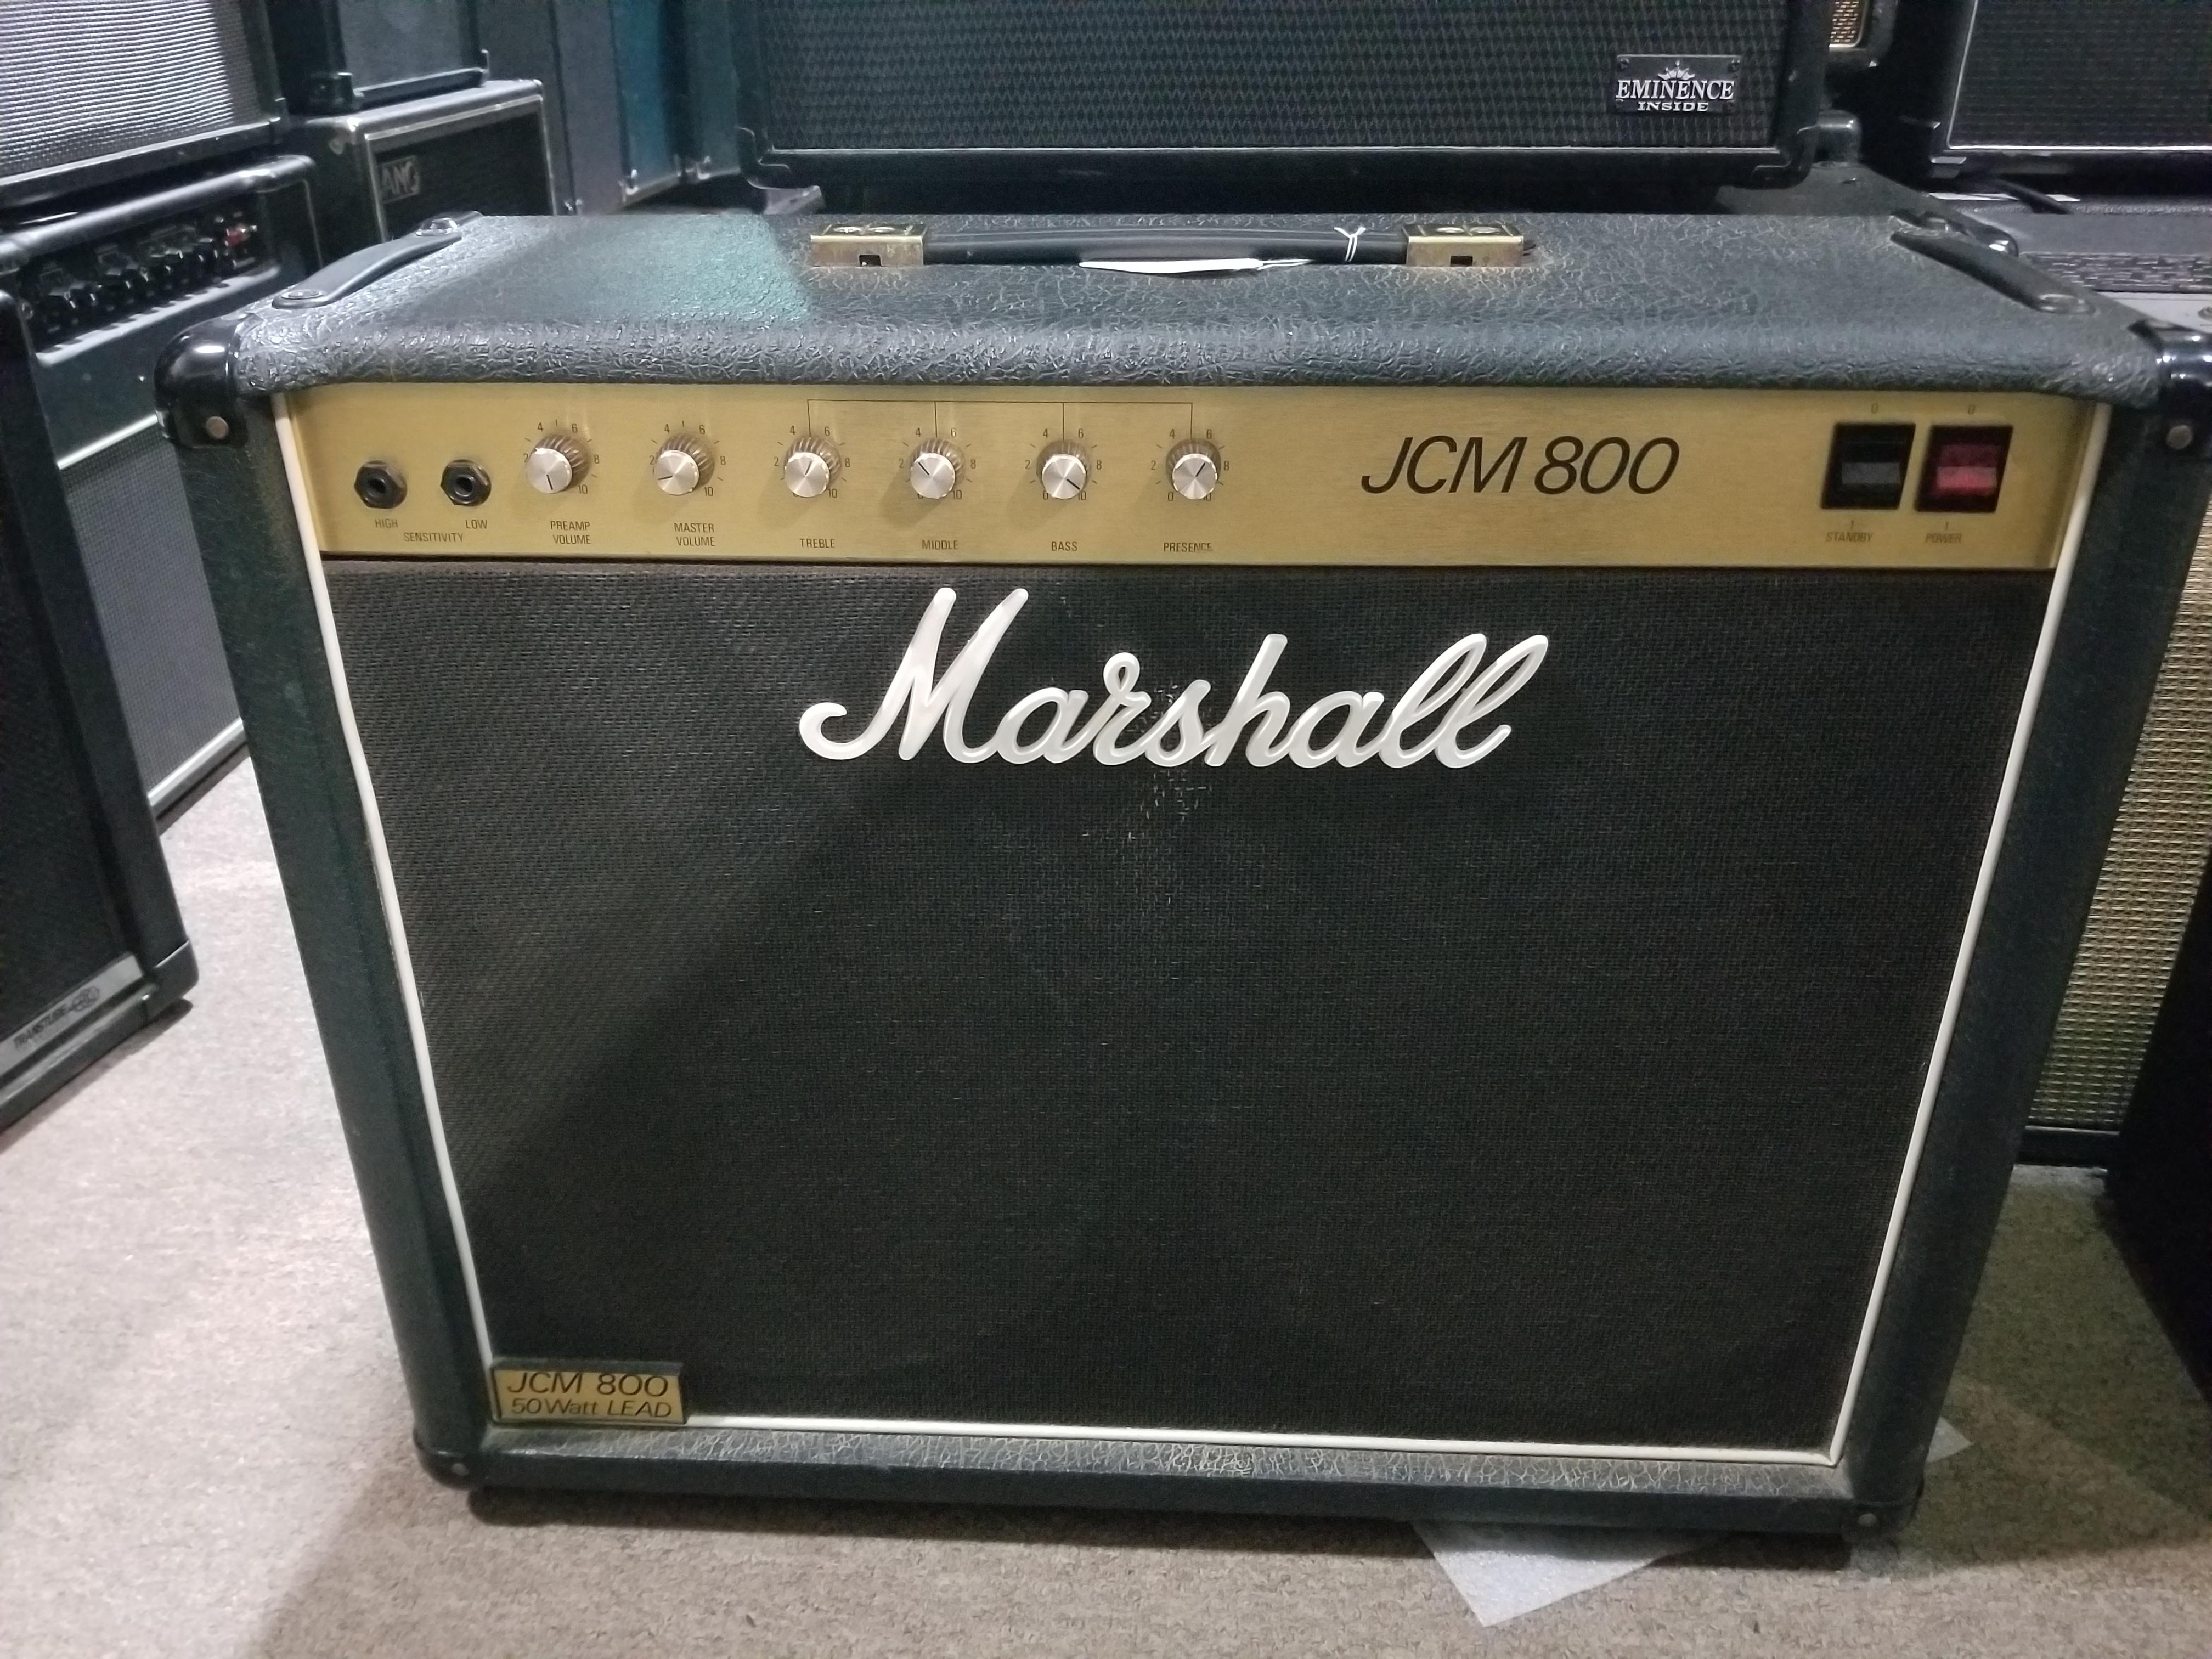 MARSHALL JCM 800 MODEL 4104 50-Watt 2x12 Tube Combo Amp - Local Pickup Only!